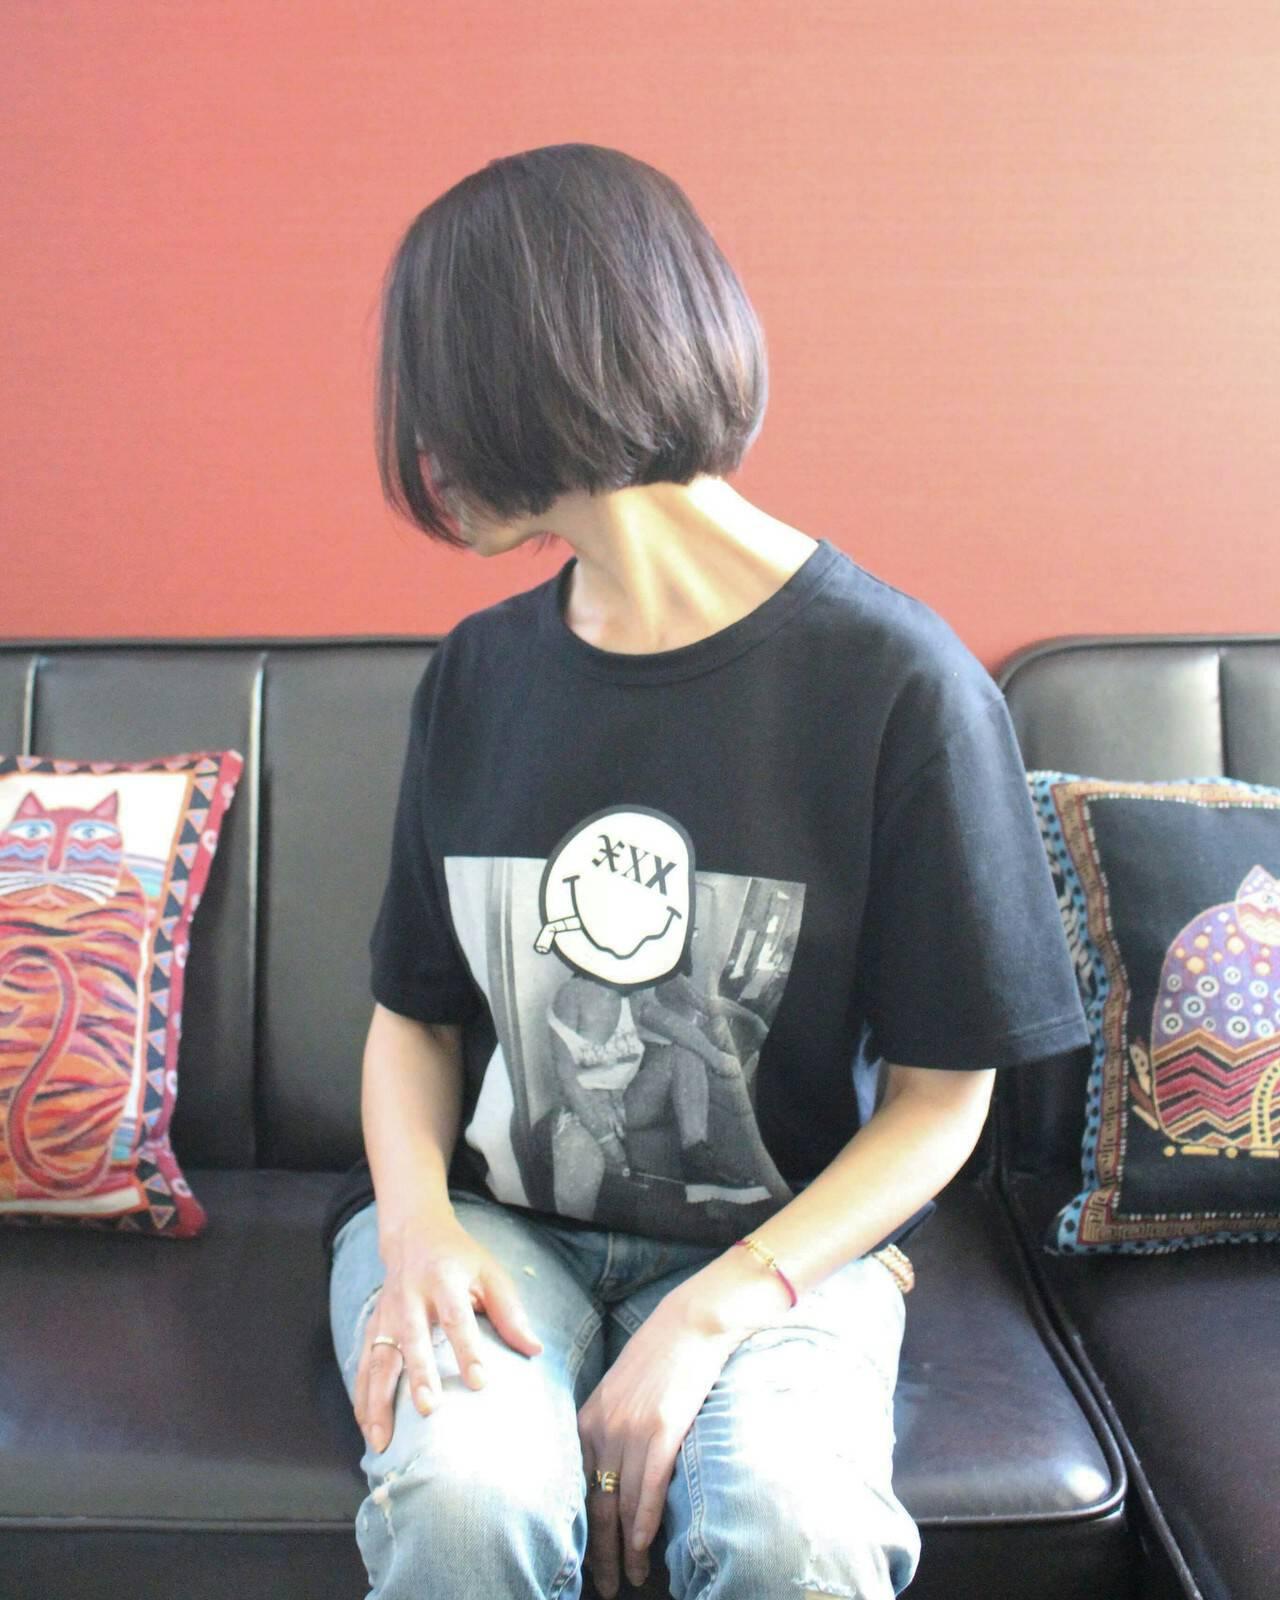 ボブ 小顔 ナチュラル グレーヘアスタイルや髪型の写真・画像